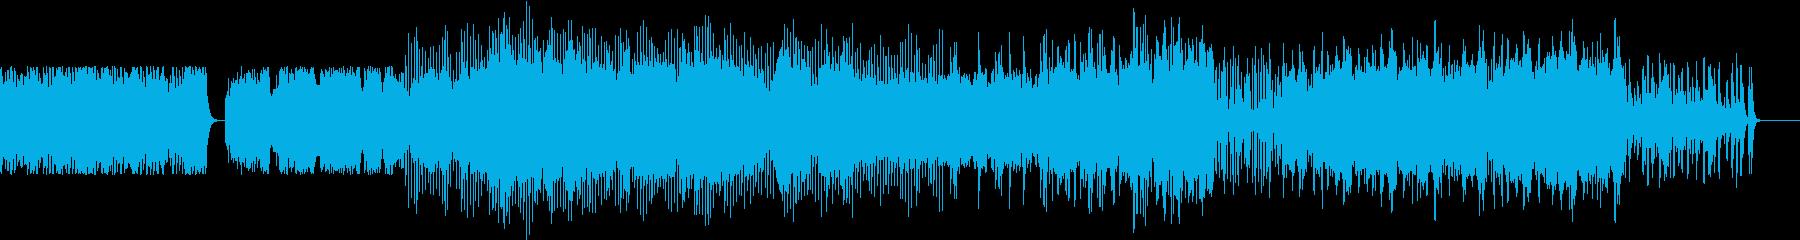 切ないバイオリンエレクトロの再生済みの波形